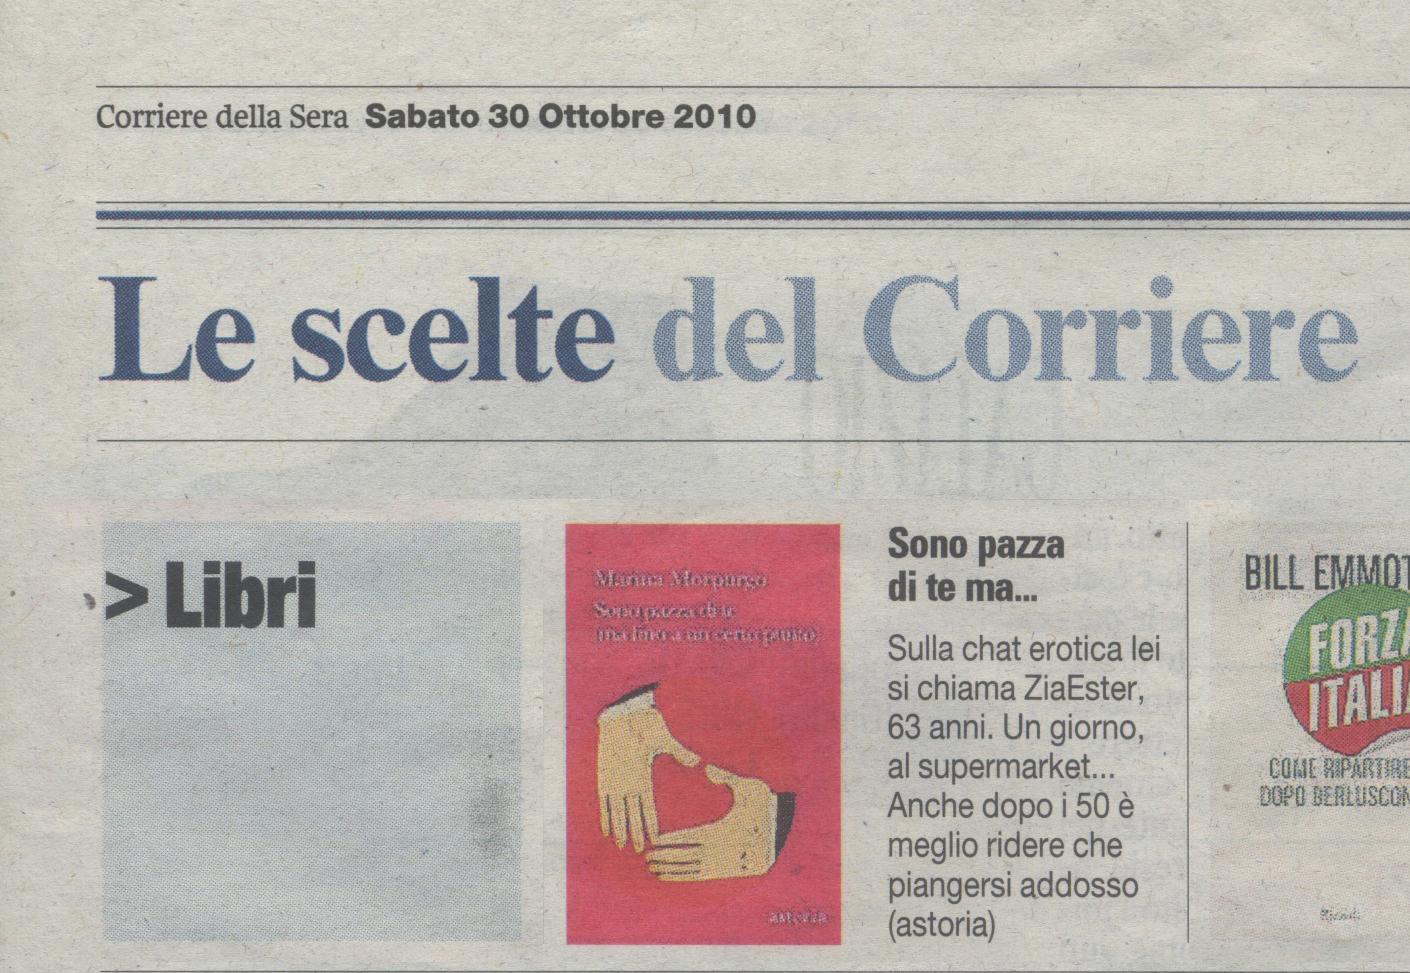 2010-10-30_corriere